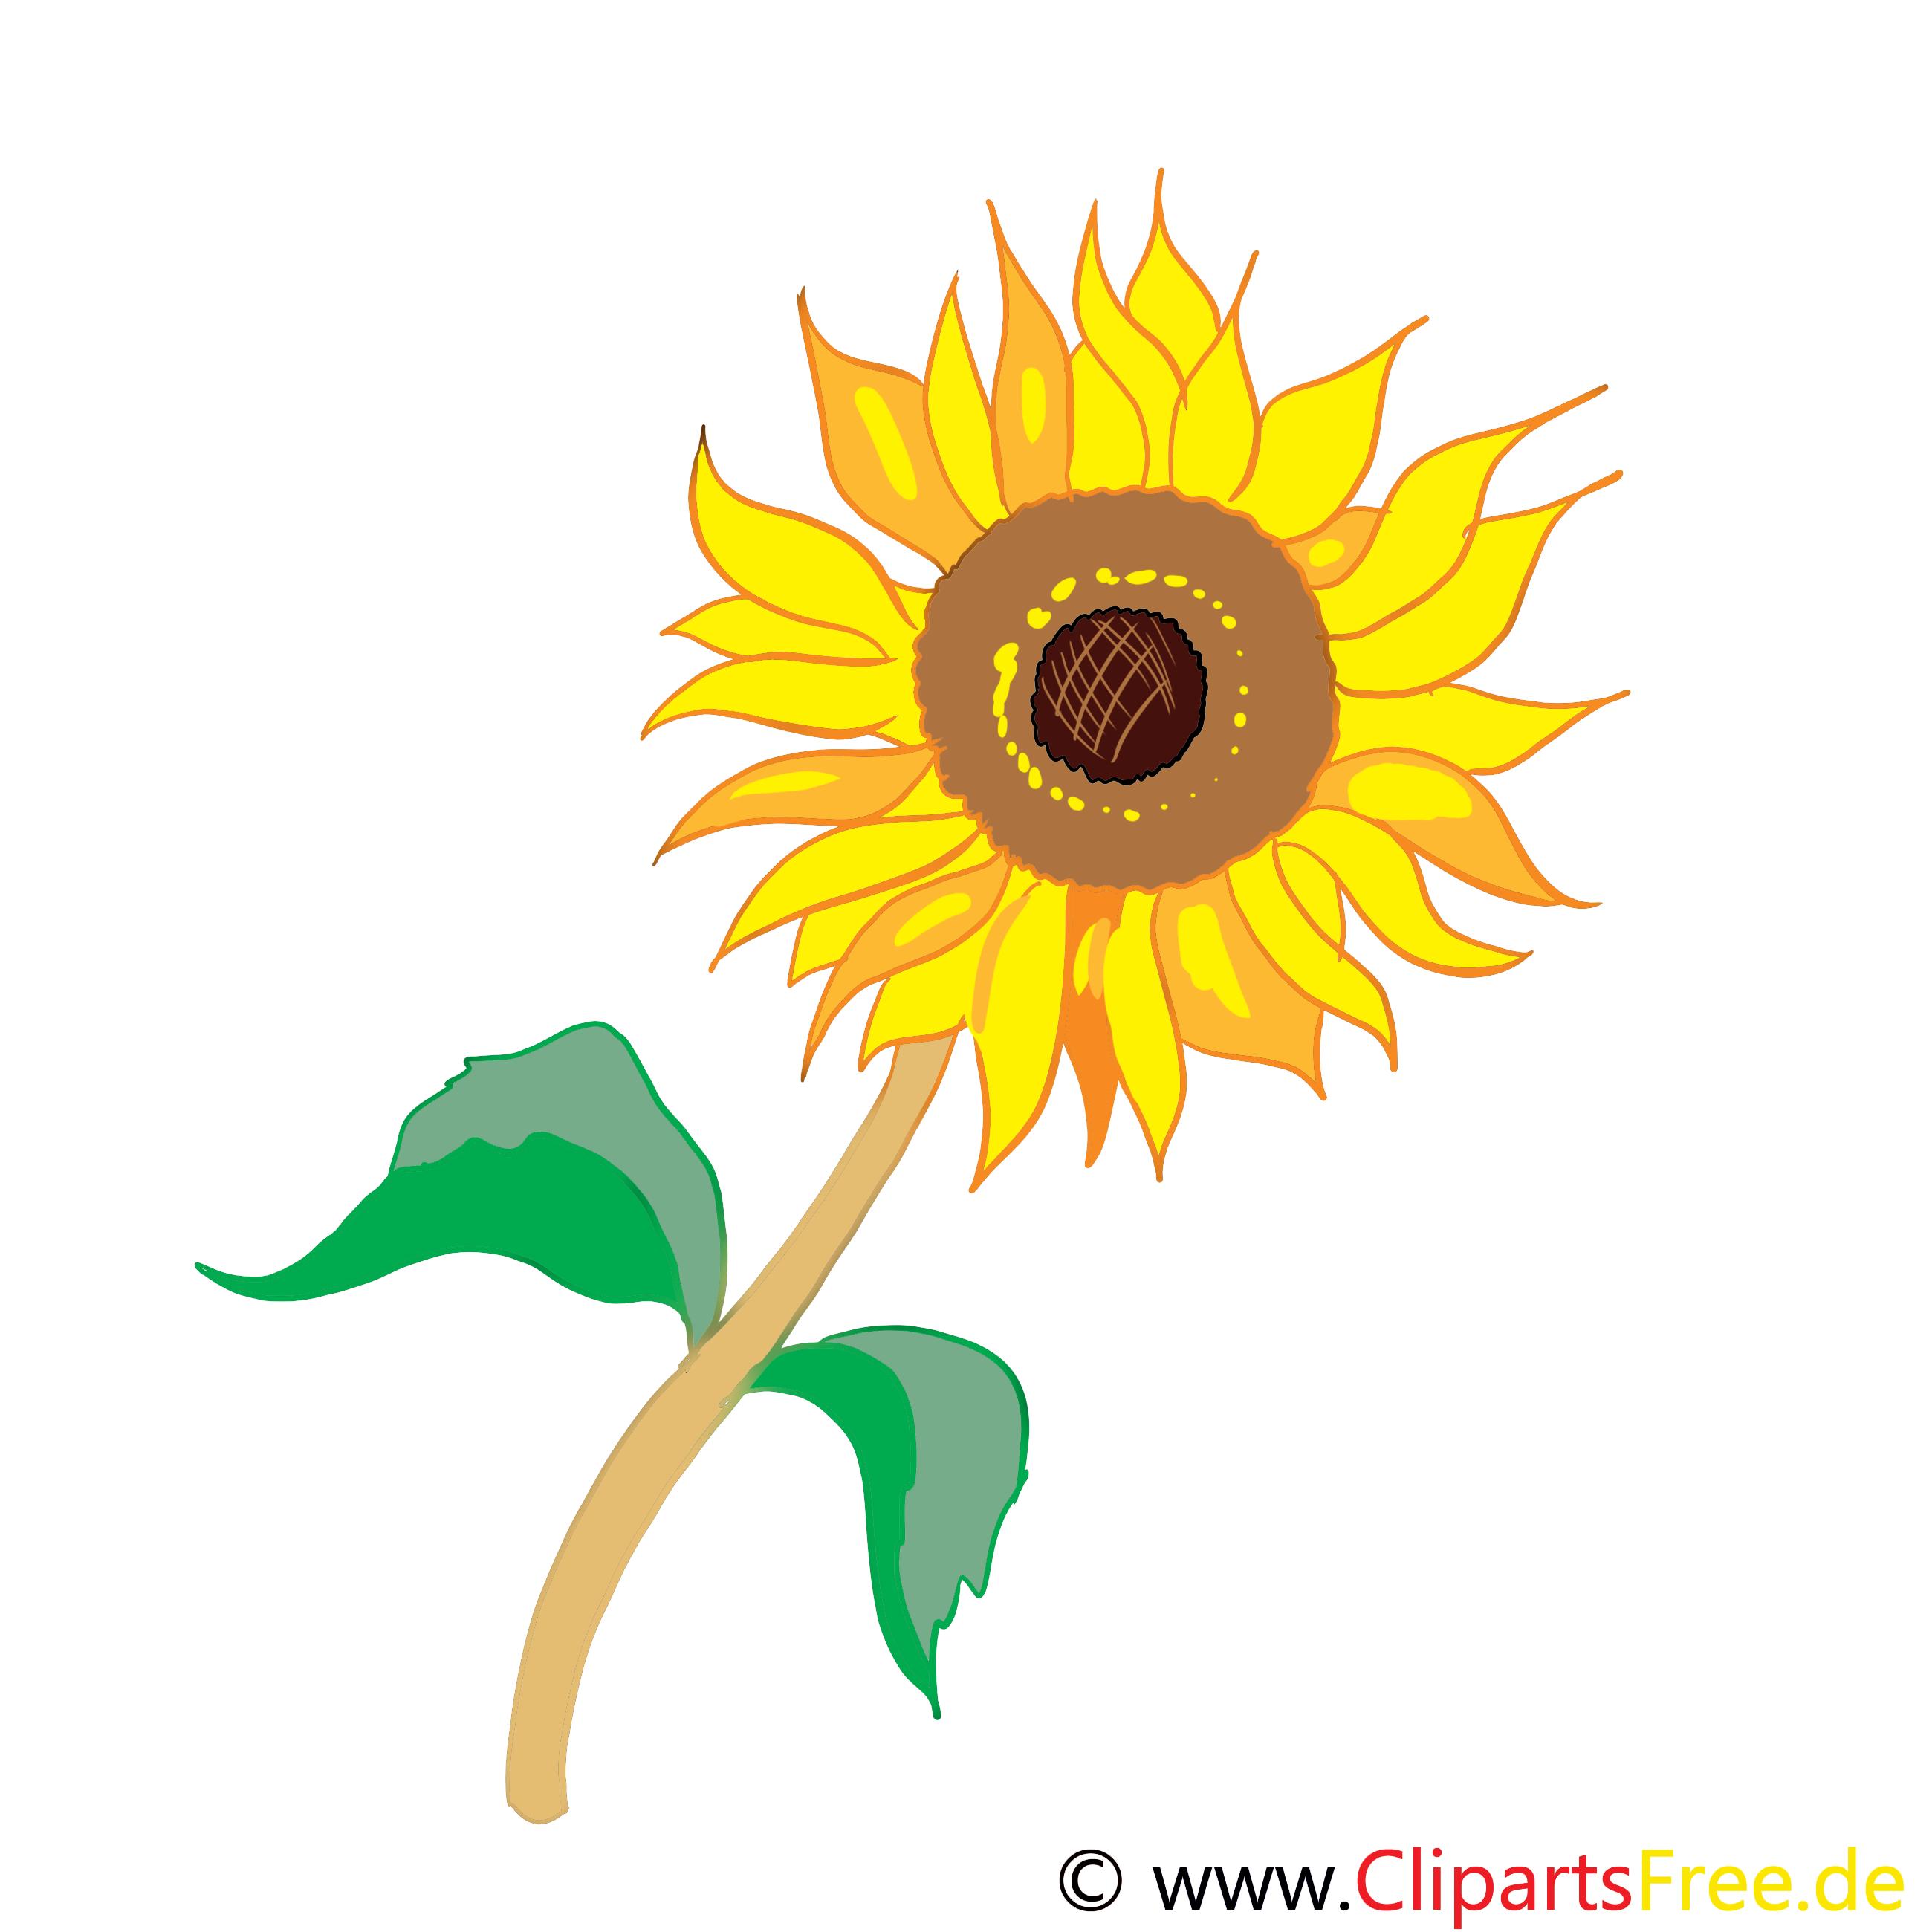 Tournesol clip art gratuit fleurs dessin fleurs dessin picture image graphic clip art - Fleur dessin images ...